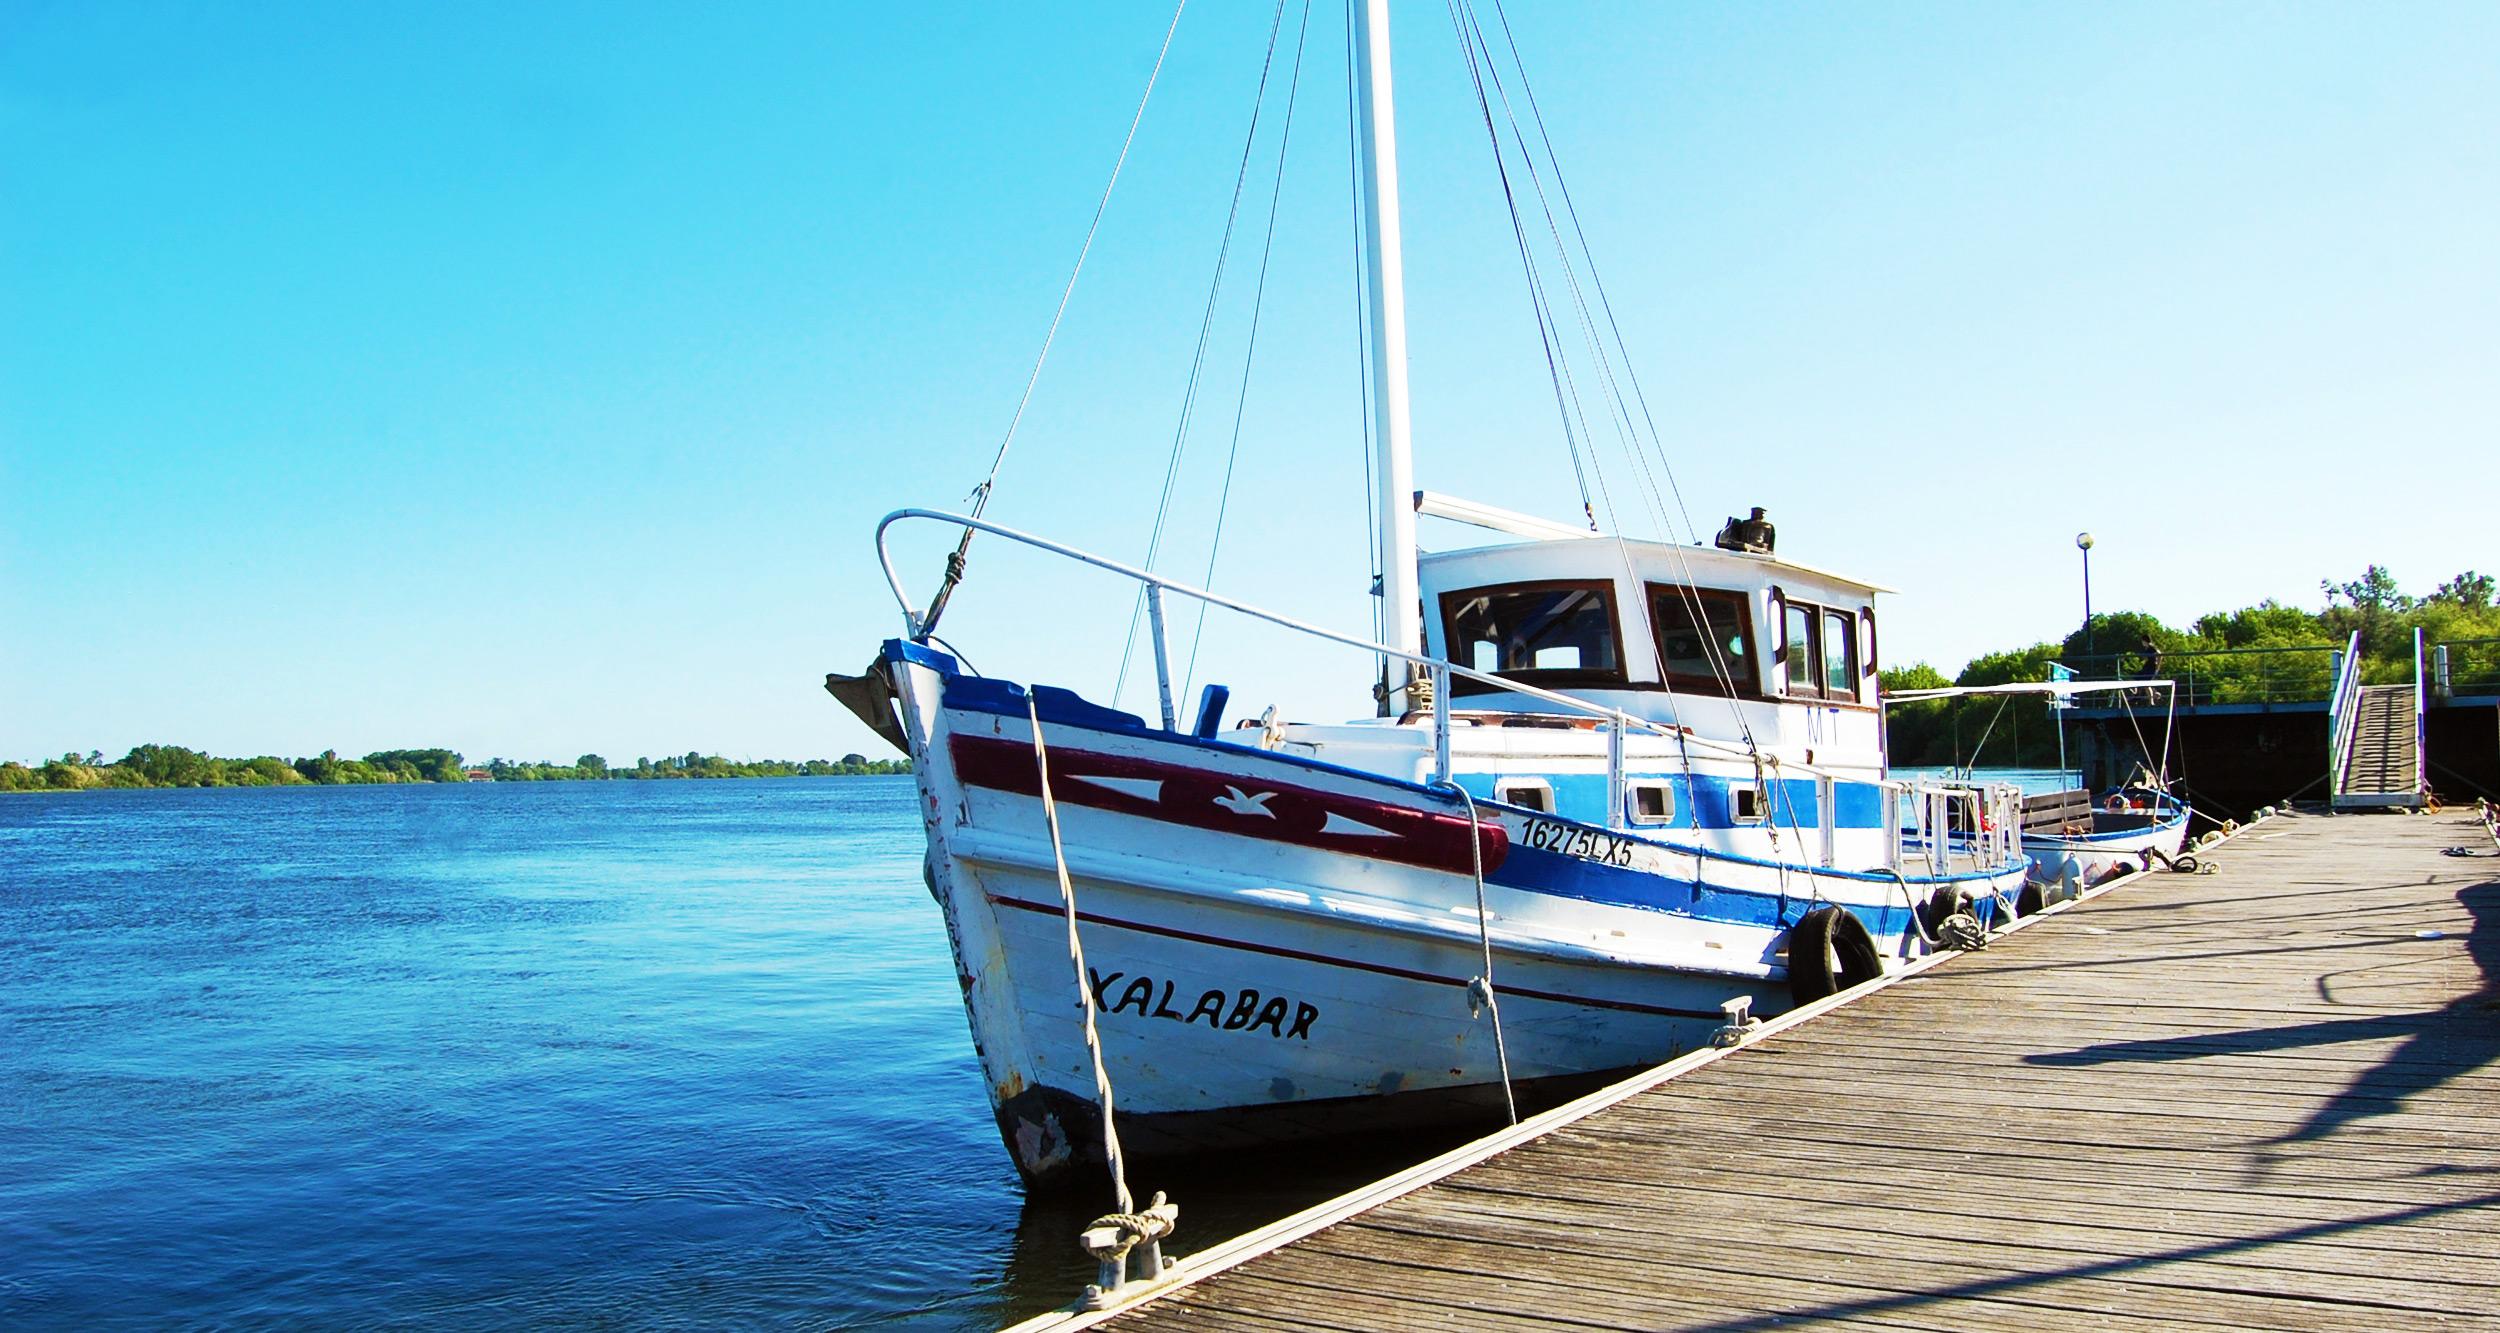 {:gb}A boat on Valada{:}{:pt}Um barco em Valada{:}